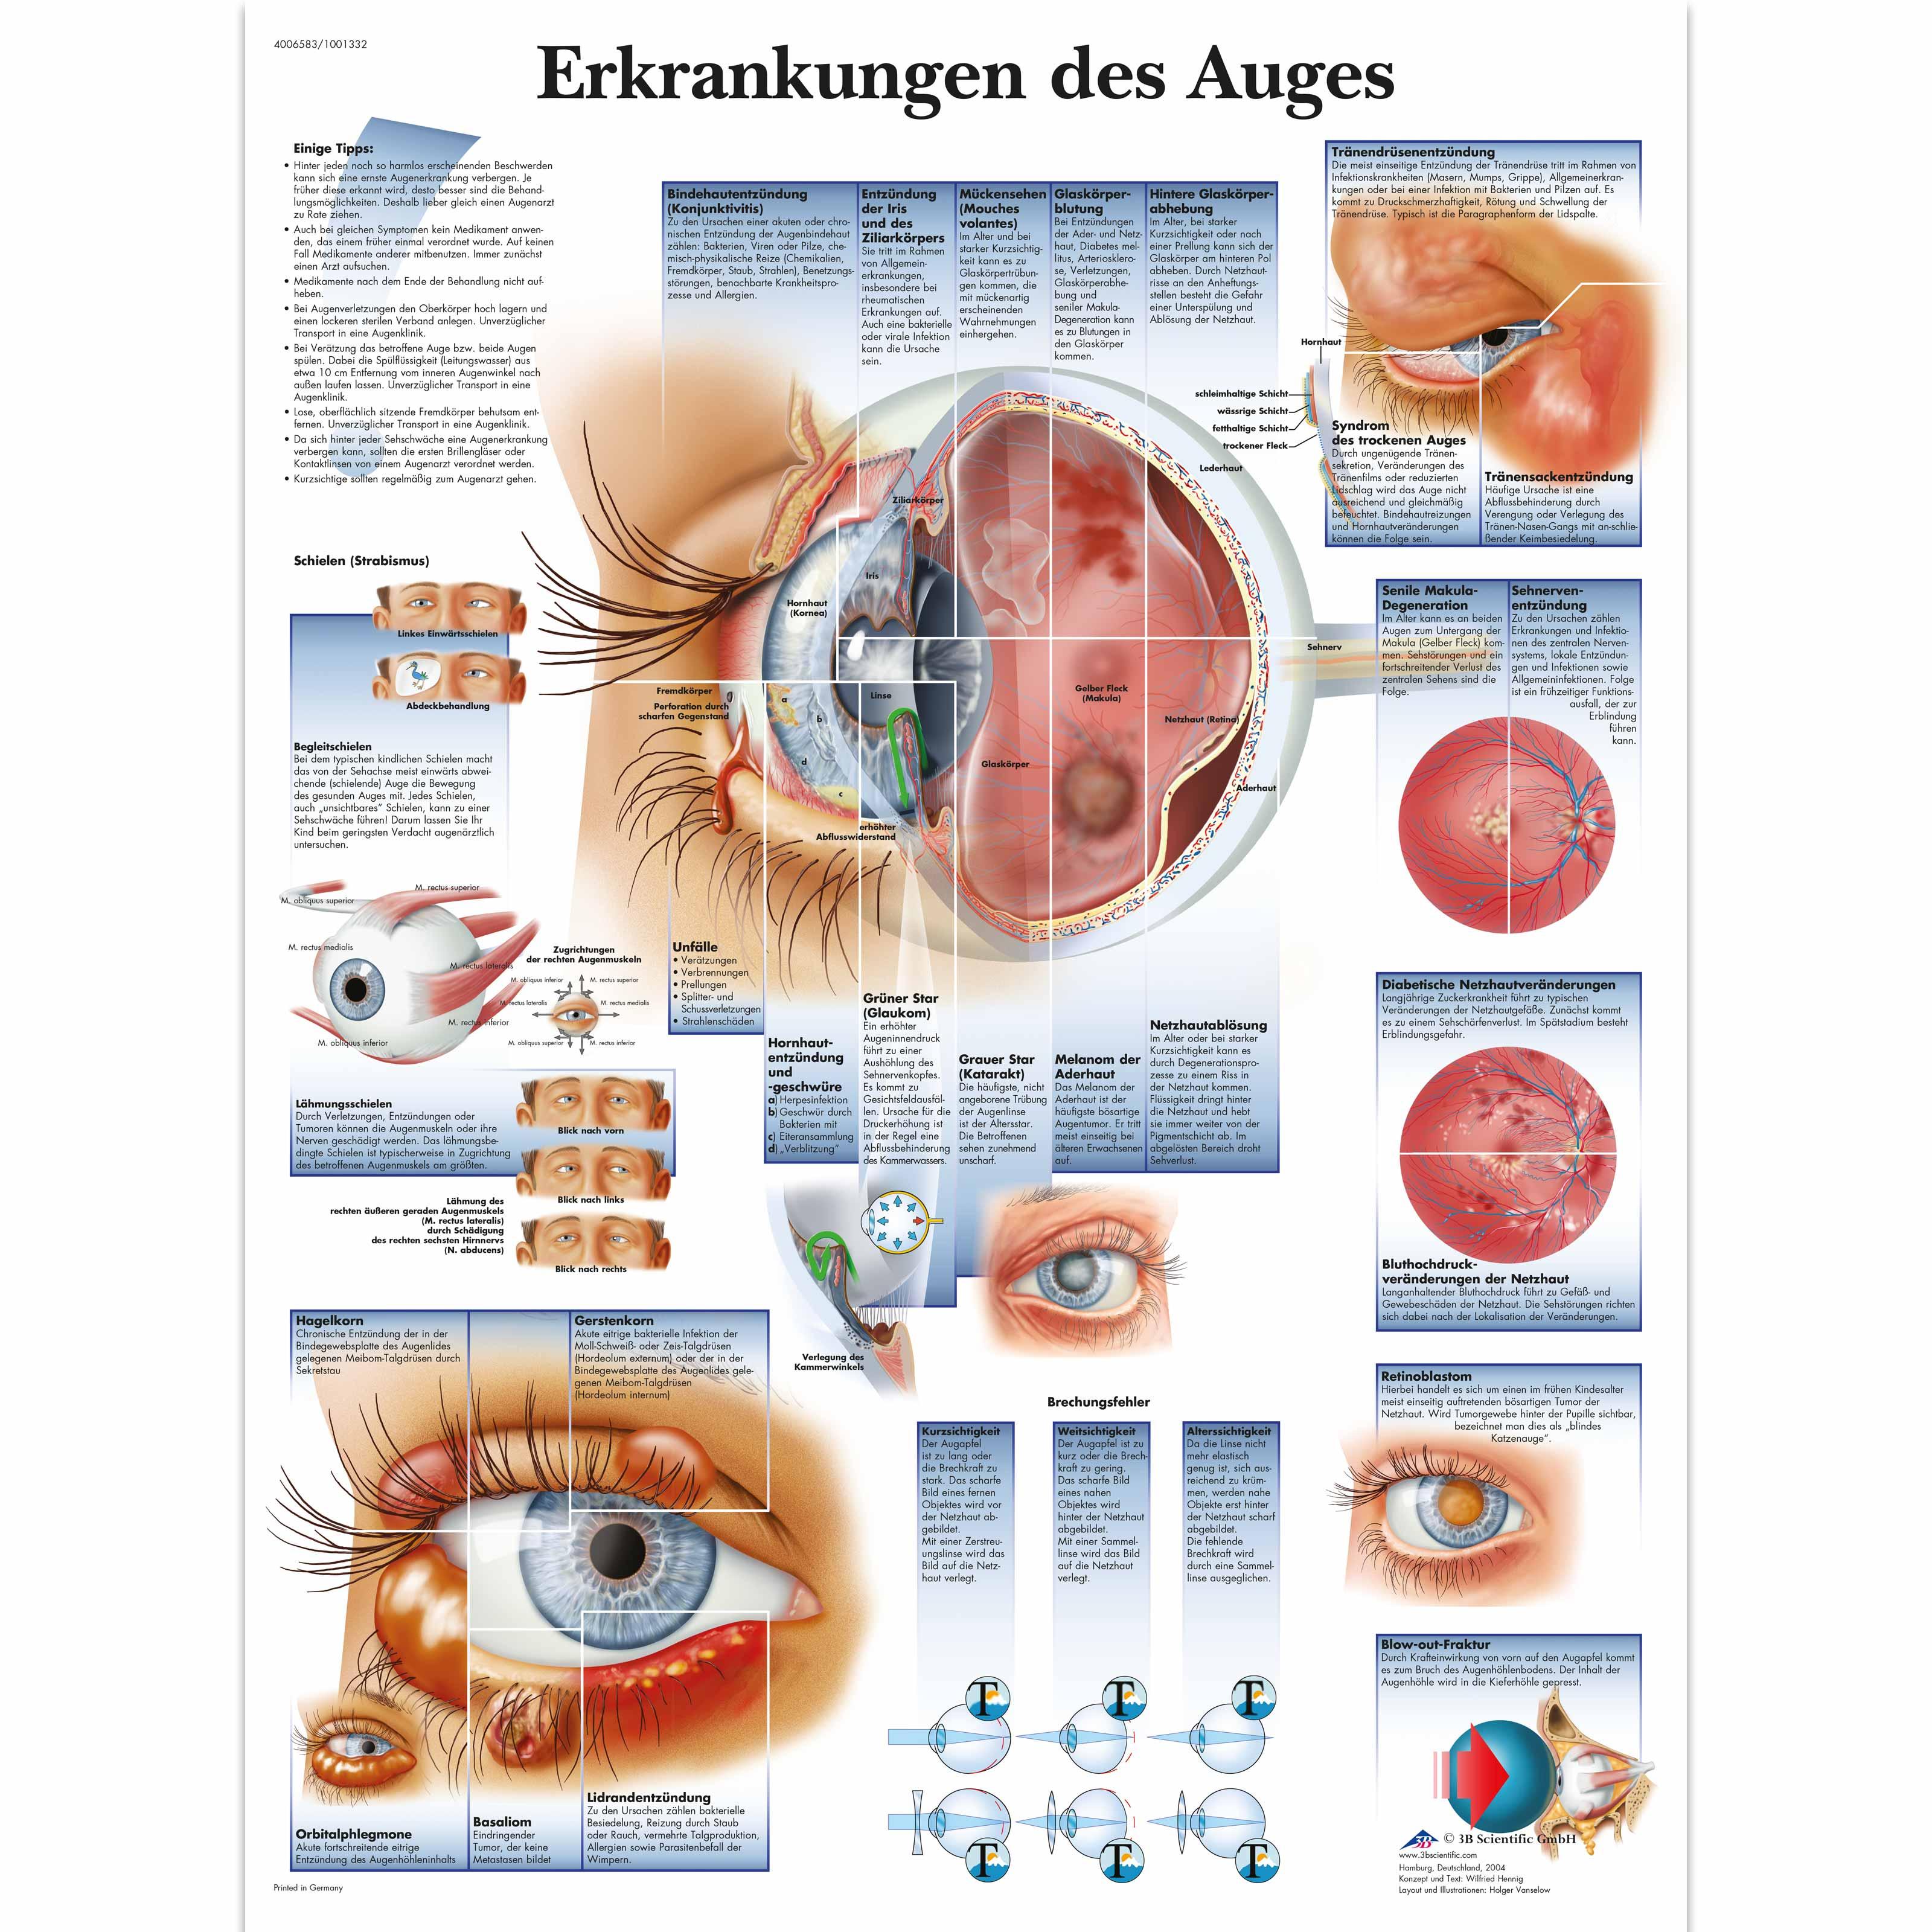 Großartig Anatomie Und Physiologie Des Auges Ideen - Anatomie Von ...